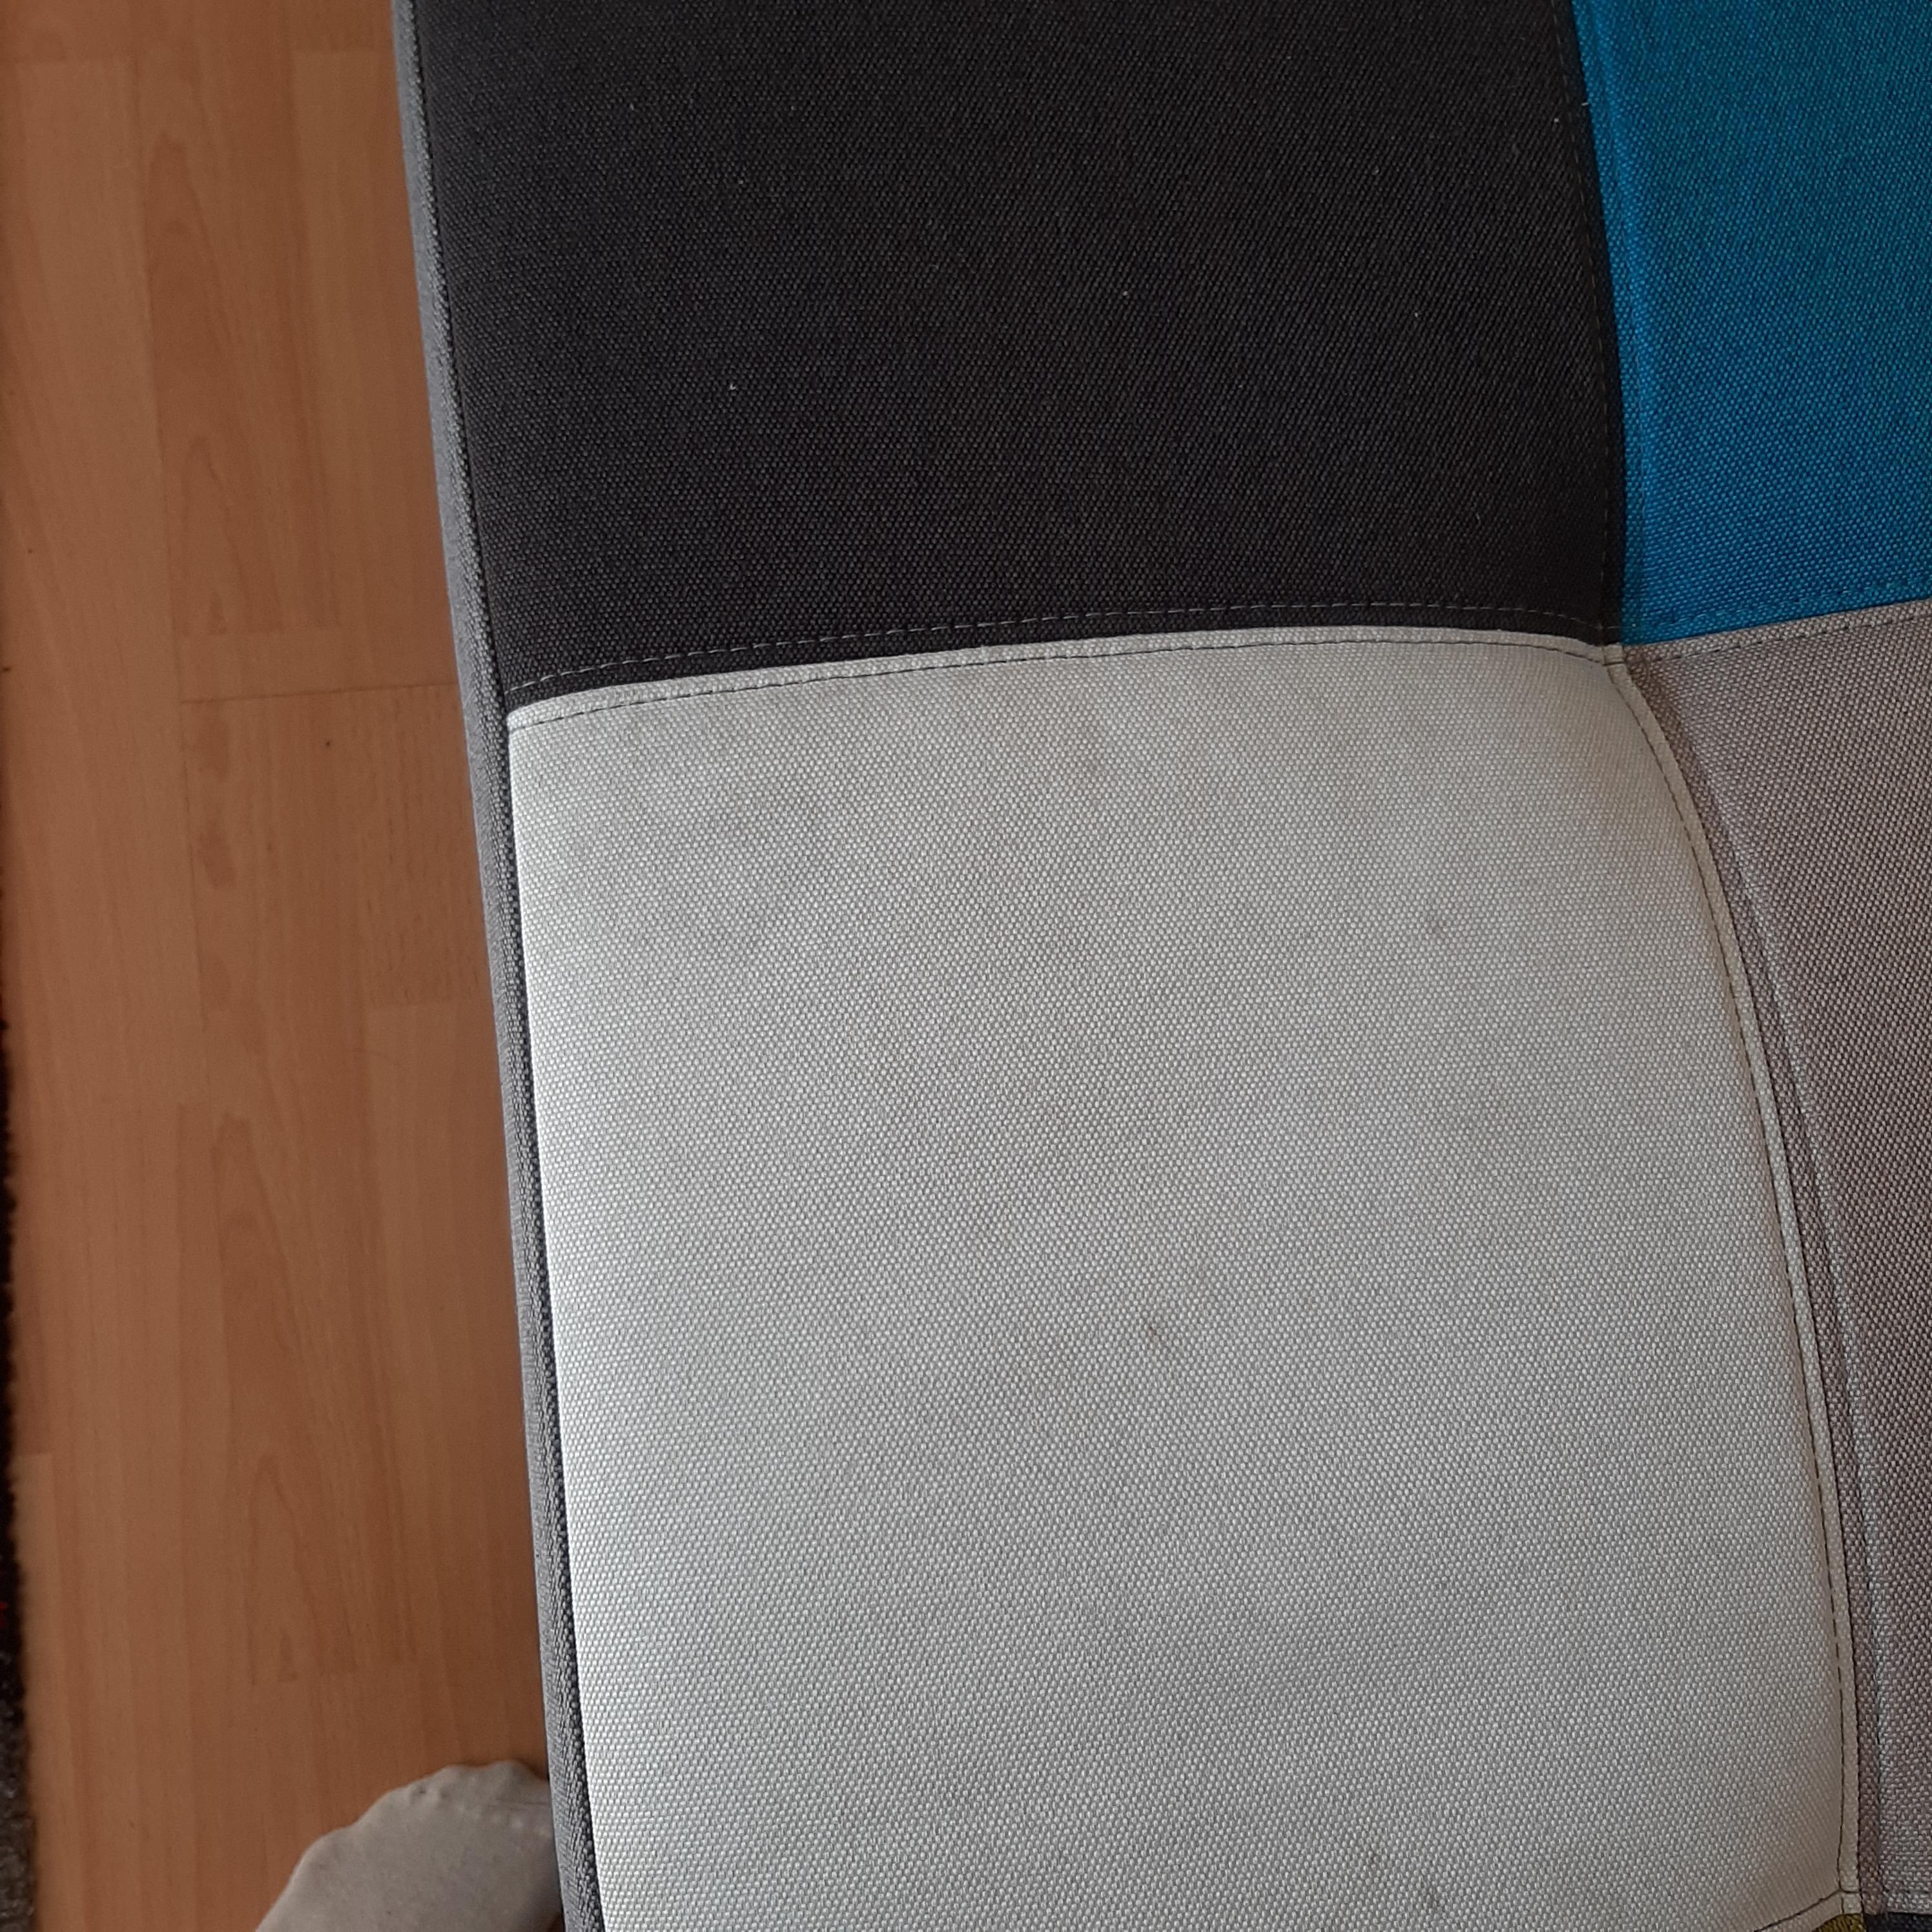 Wie Flecken aus dem Sofa entfernen? (essen, Alkohol, Haus)